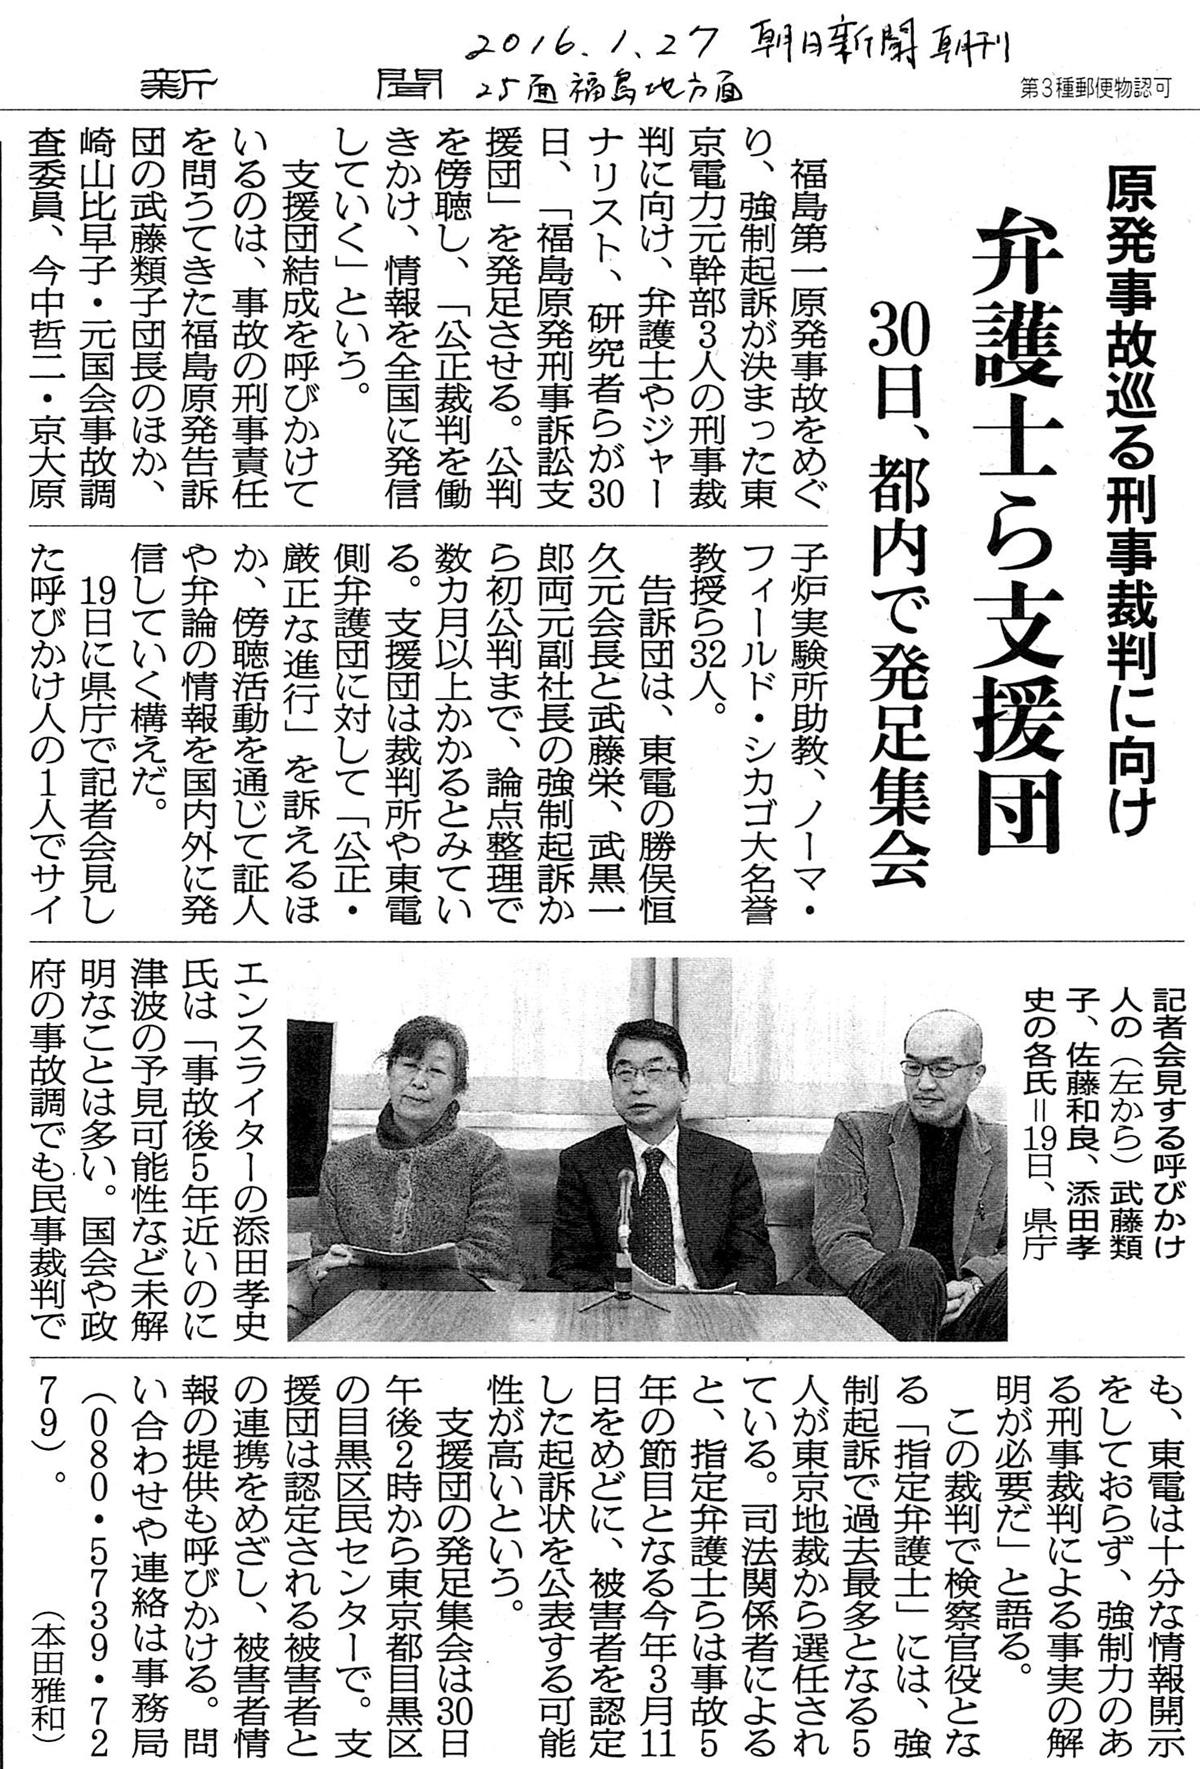 福島原発刑事訴訟支援団160127_asahi-fukushima